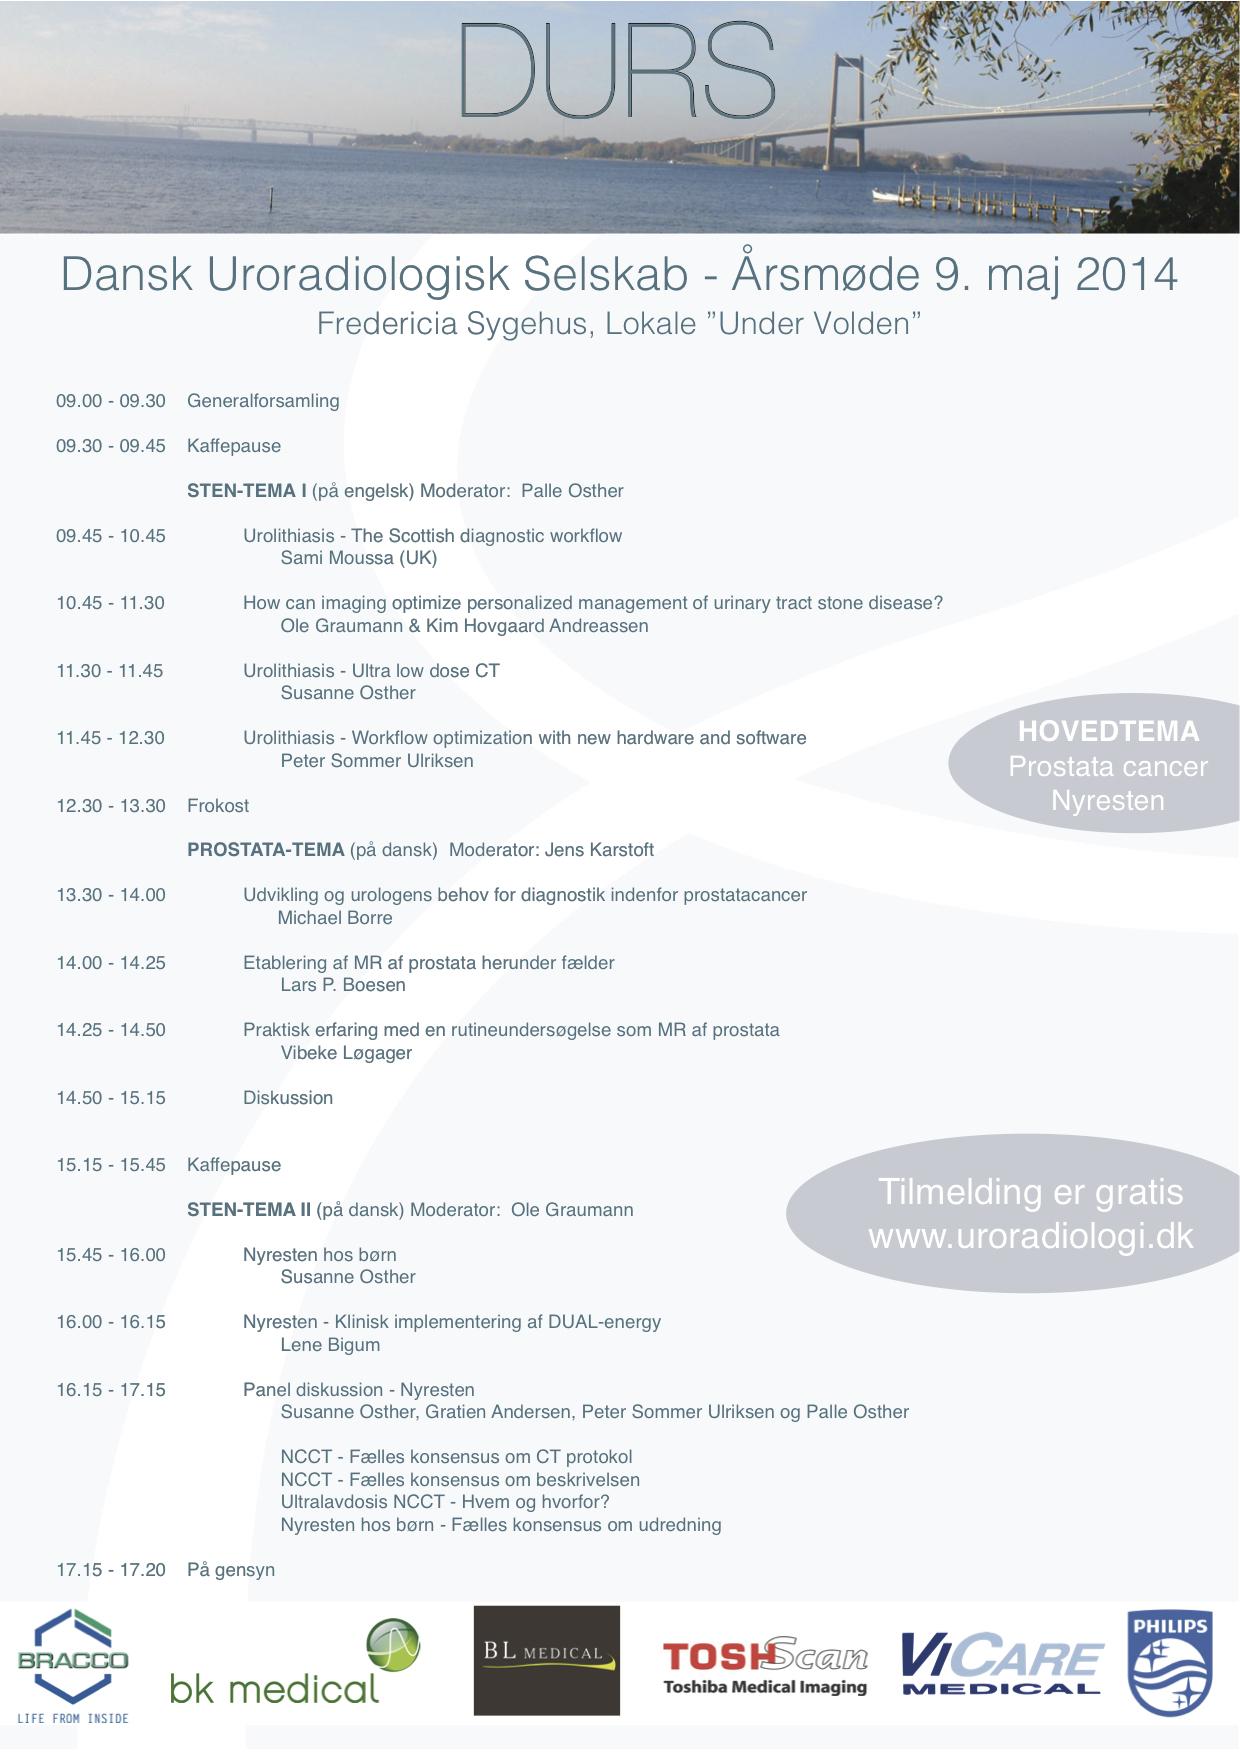 durs-aarsmoede-2014-print